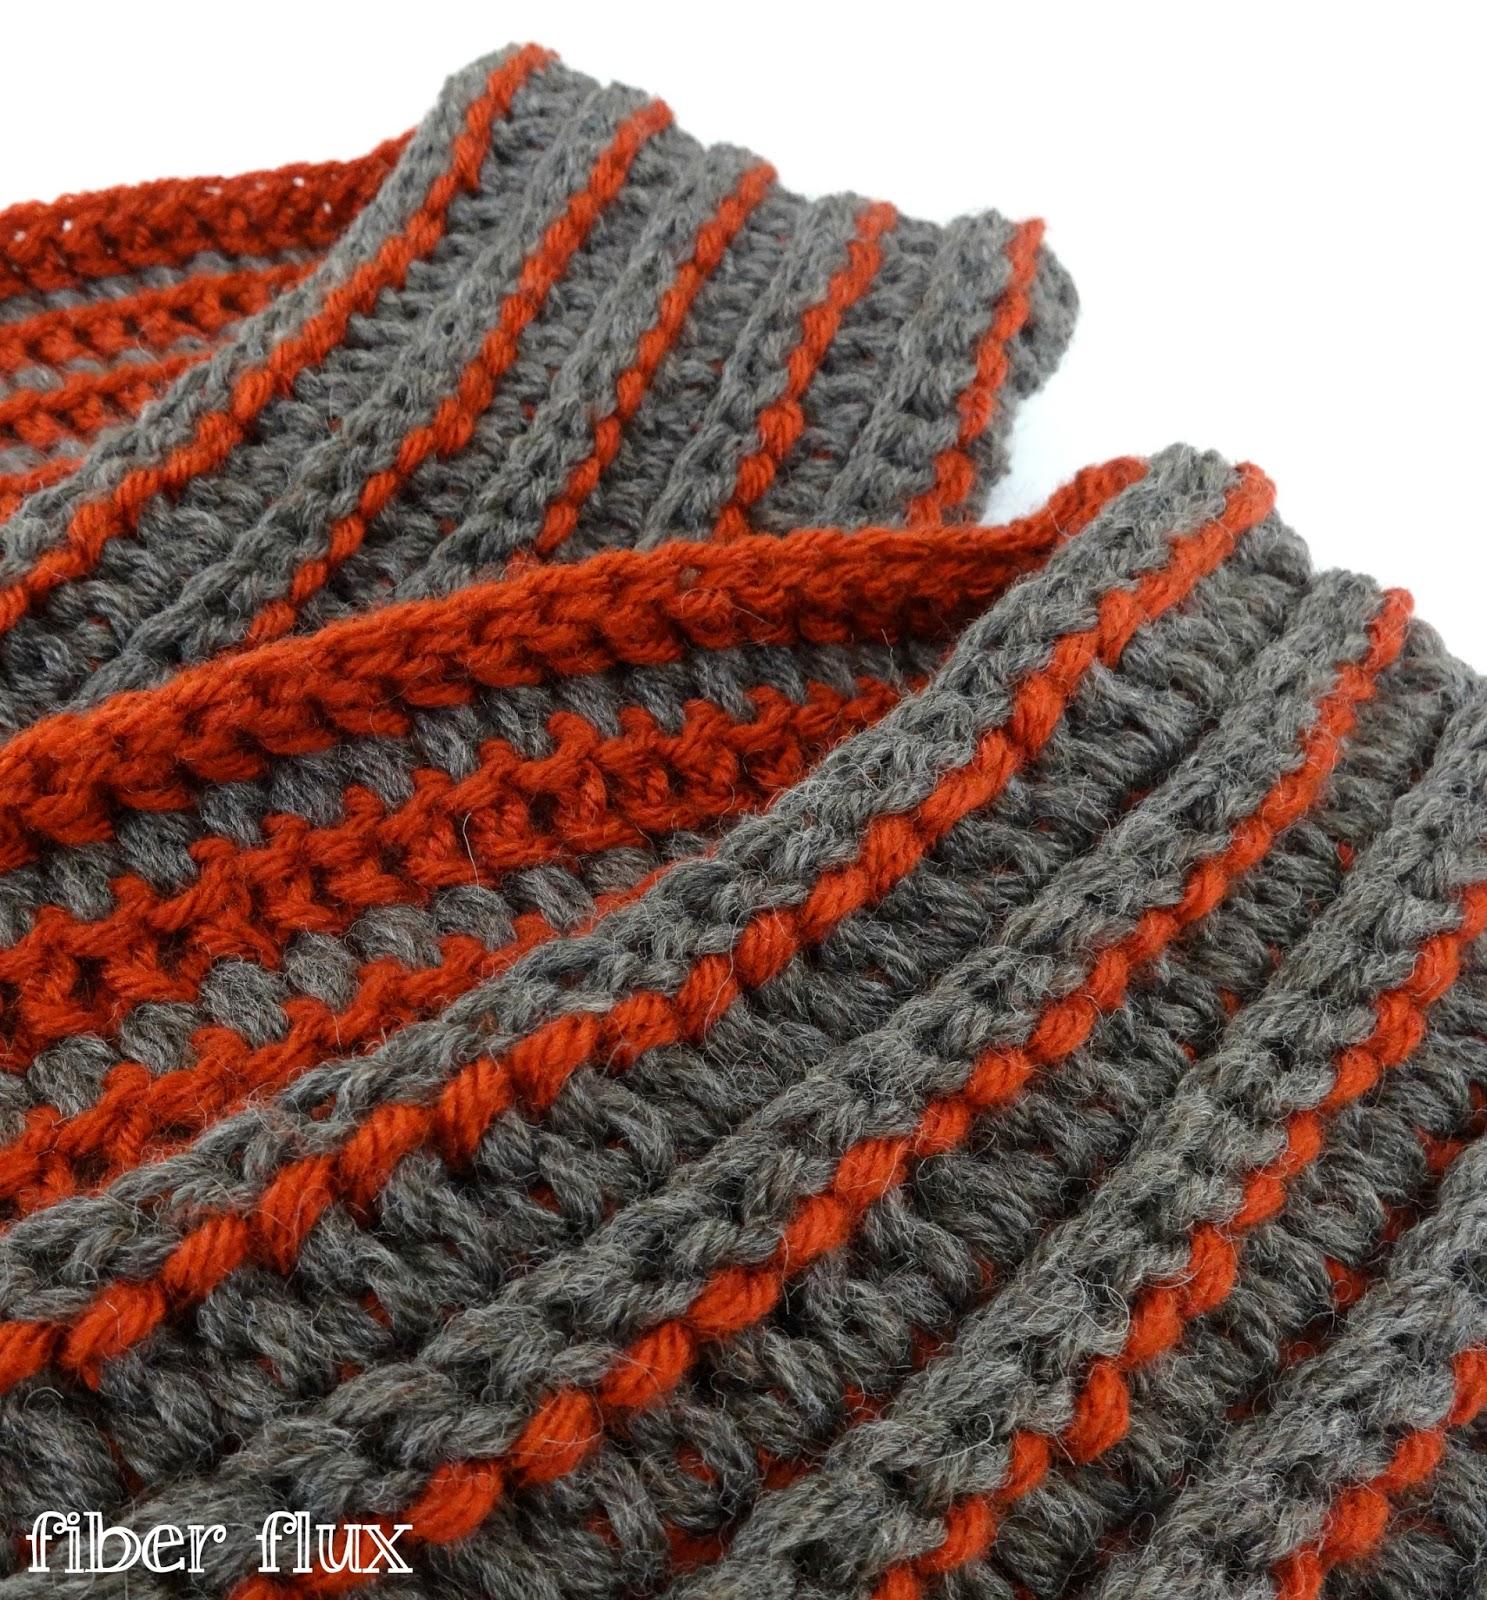 Fiber flux free crochet patterne every man scarf free crochet patterne every man scarf bankloansurffo Gallery